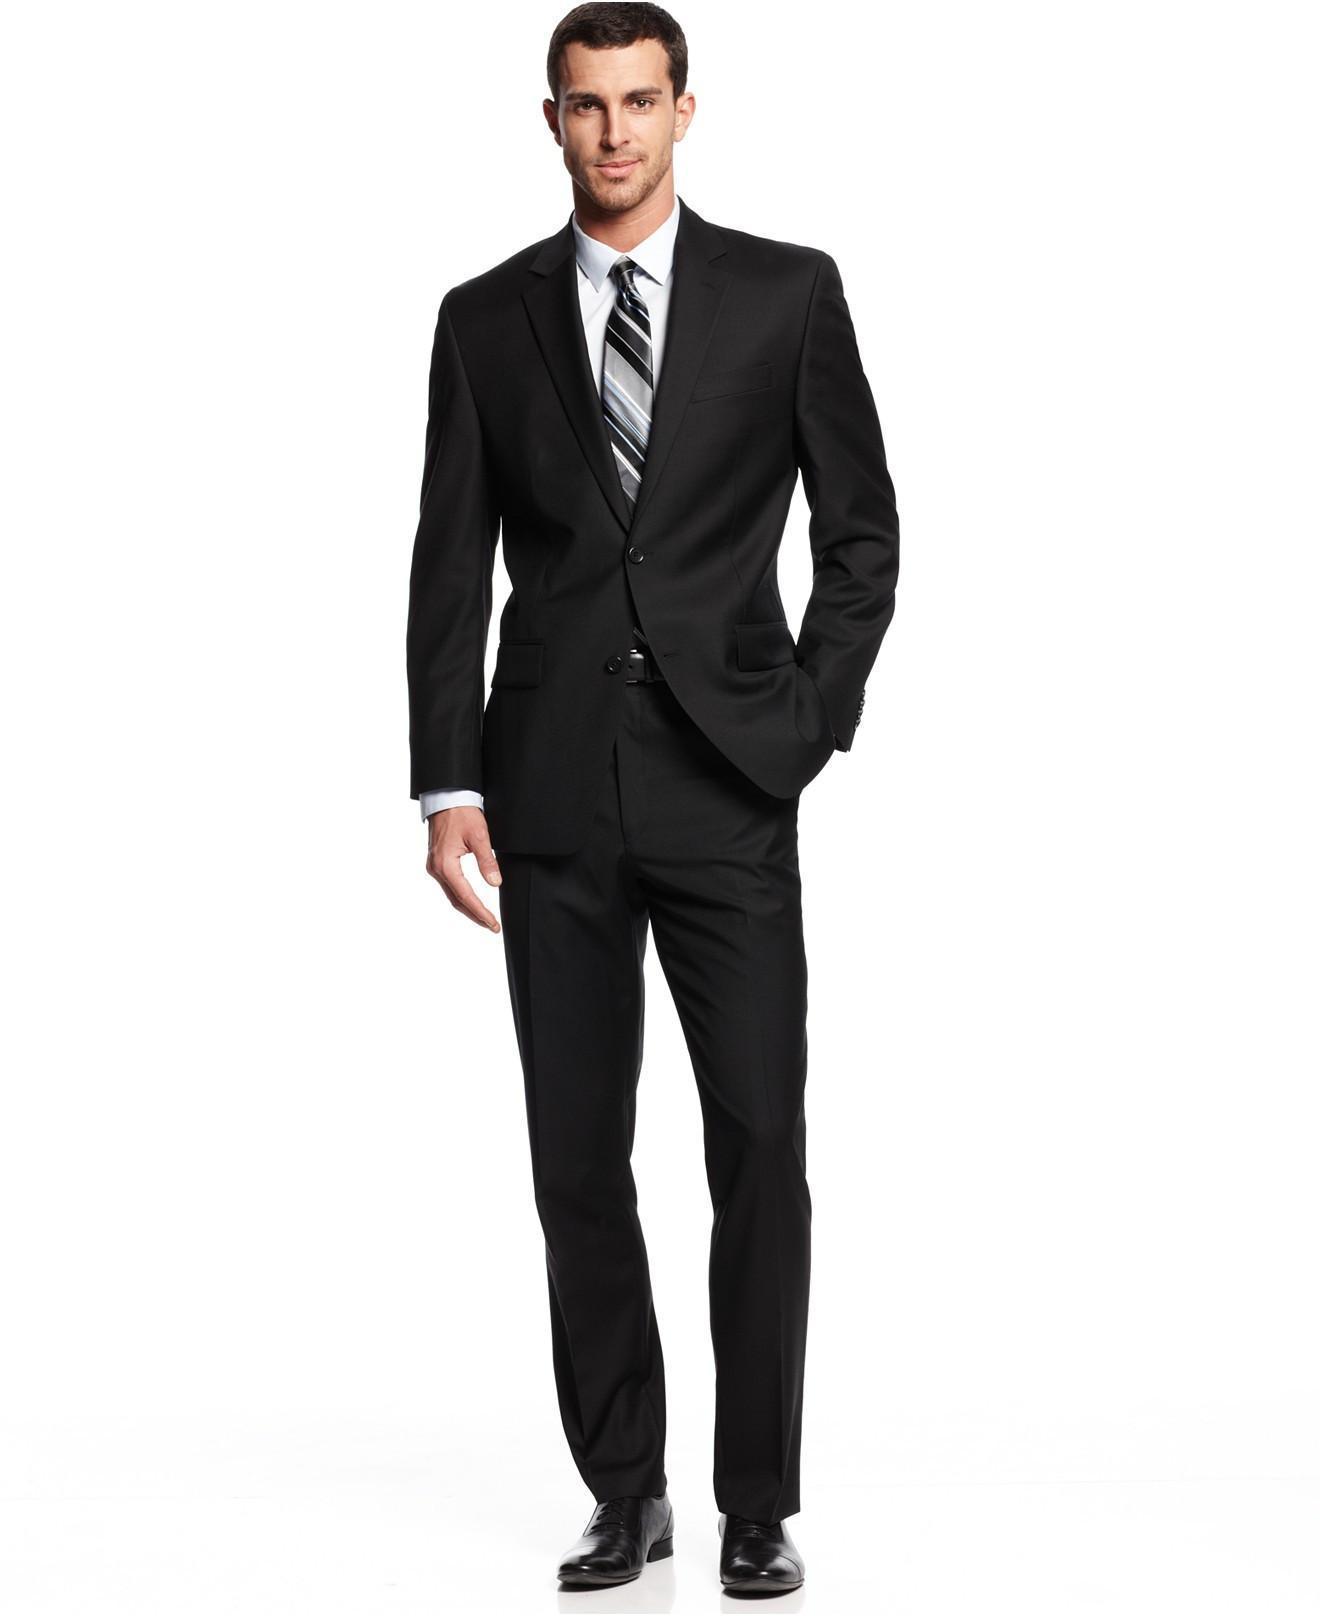 Latest Two Piece Suit Men Black Suit Design Custom Suits ...